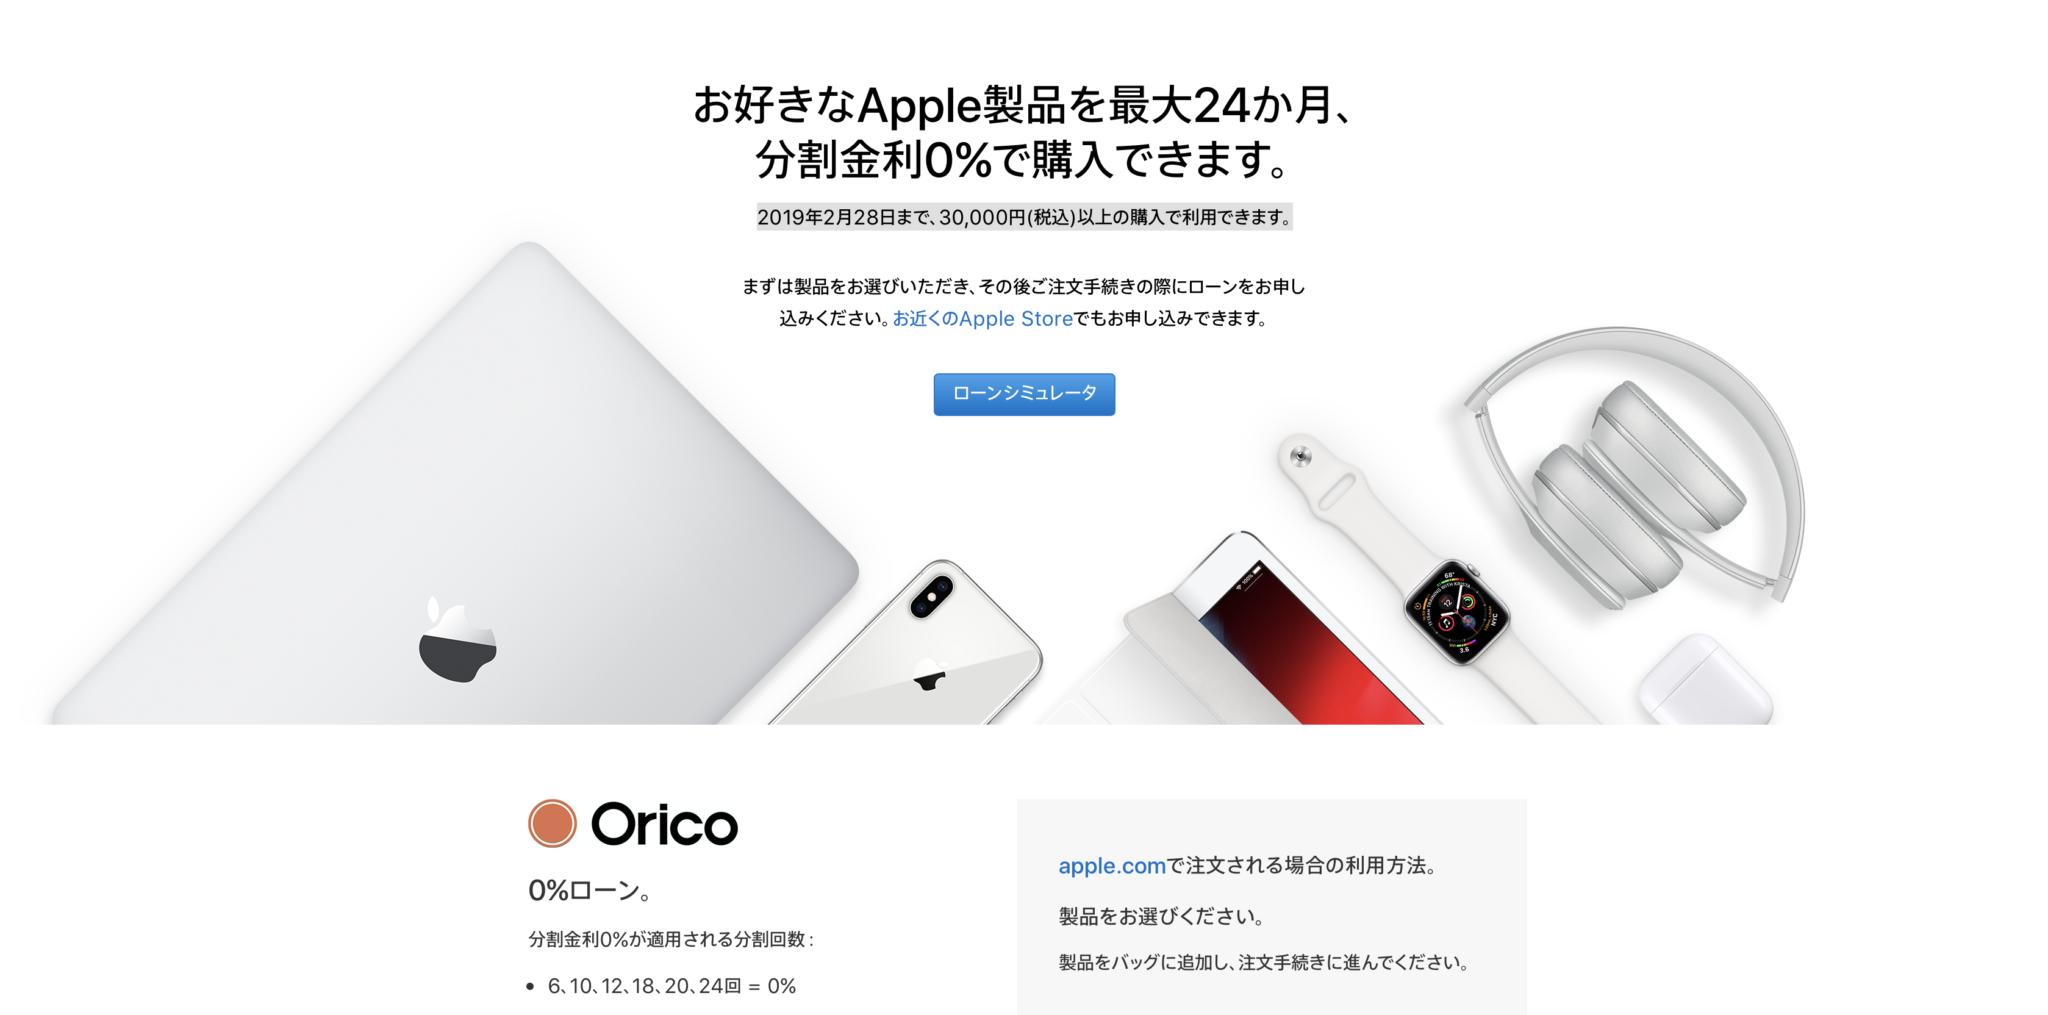 アップル製品 分割購入ページ